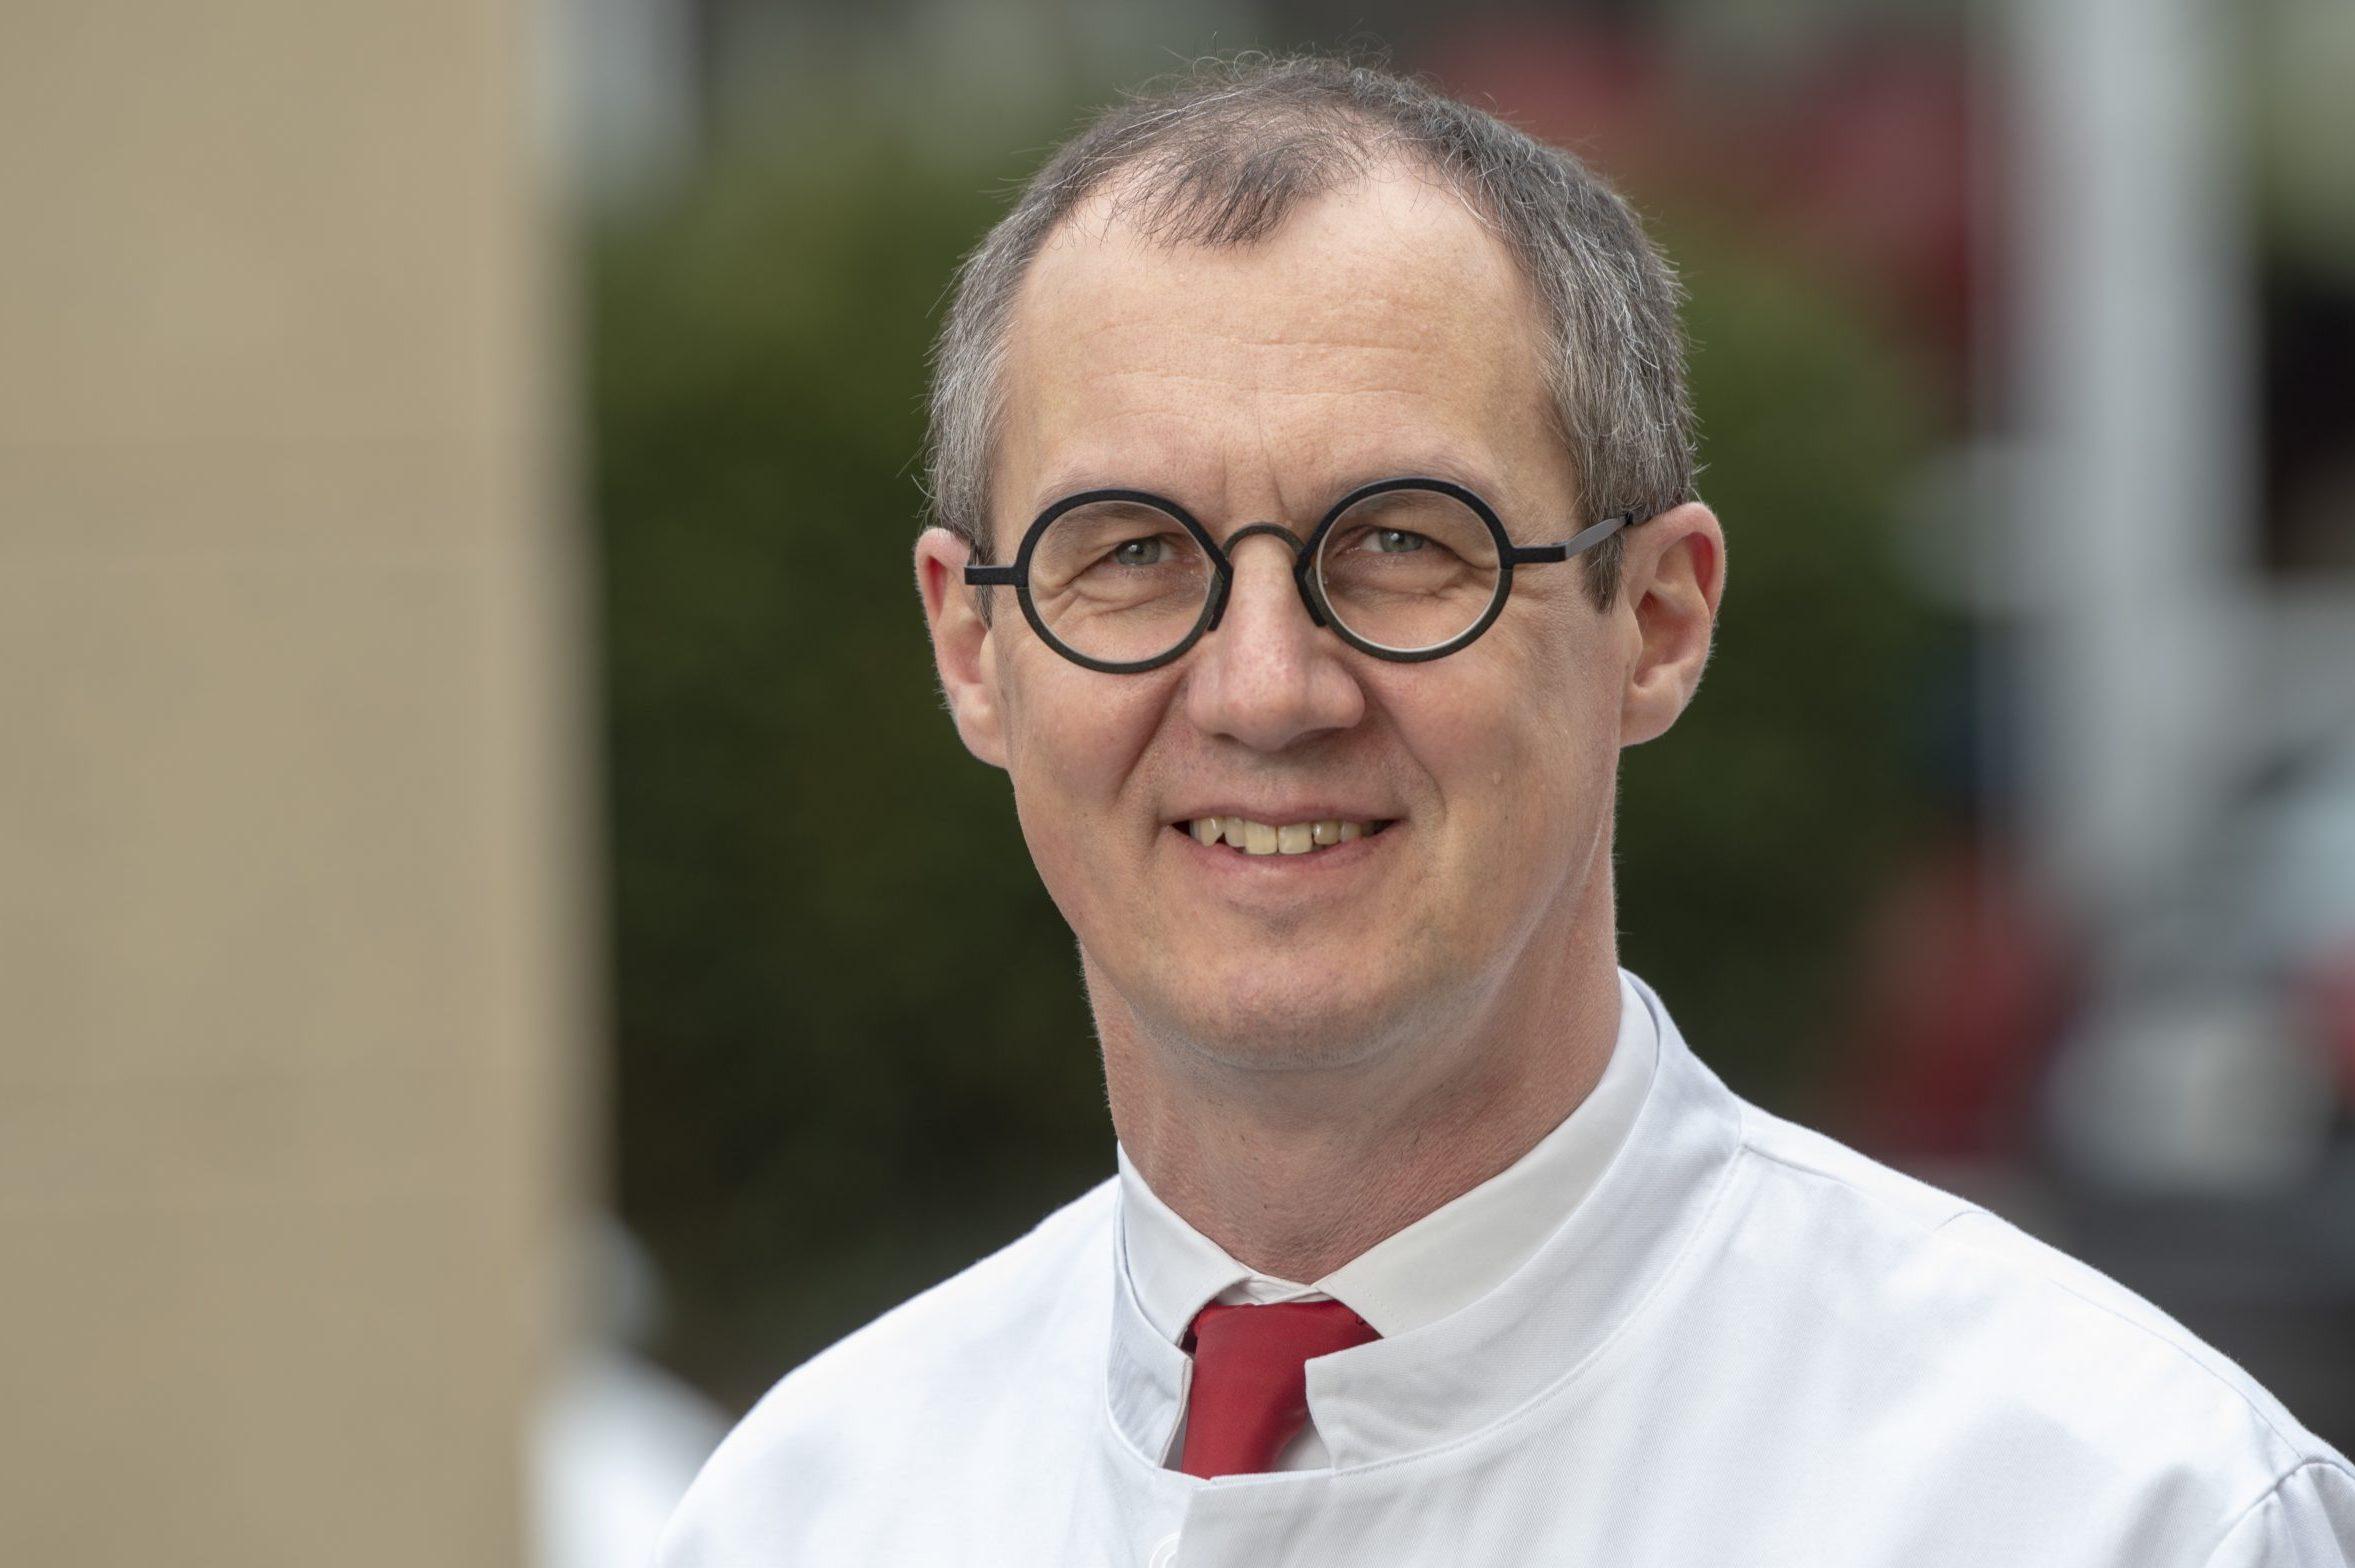 Chefarzt-Wechsel in der Geriatrie: Dr. Oliver Franz